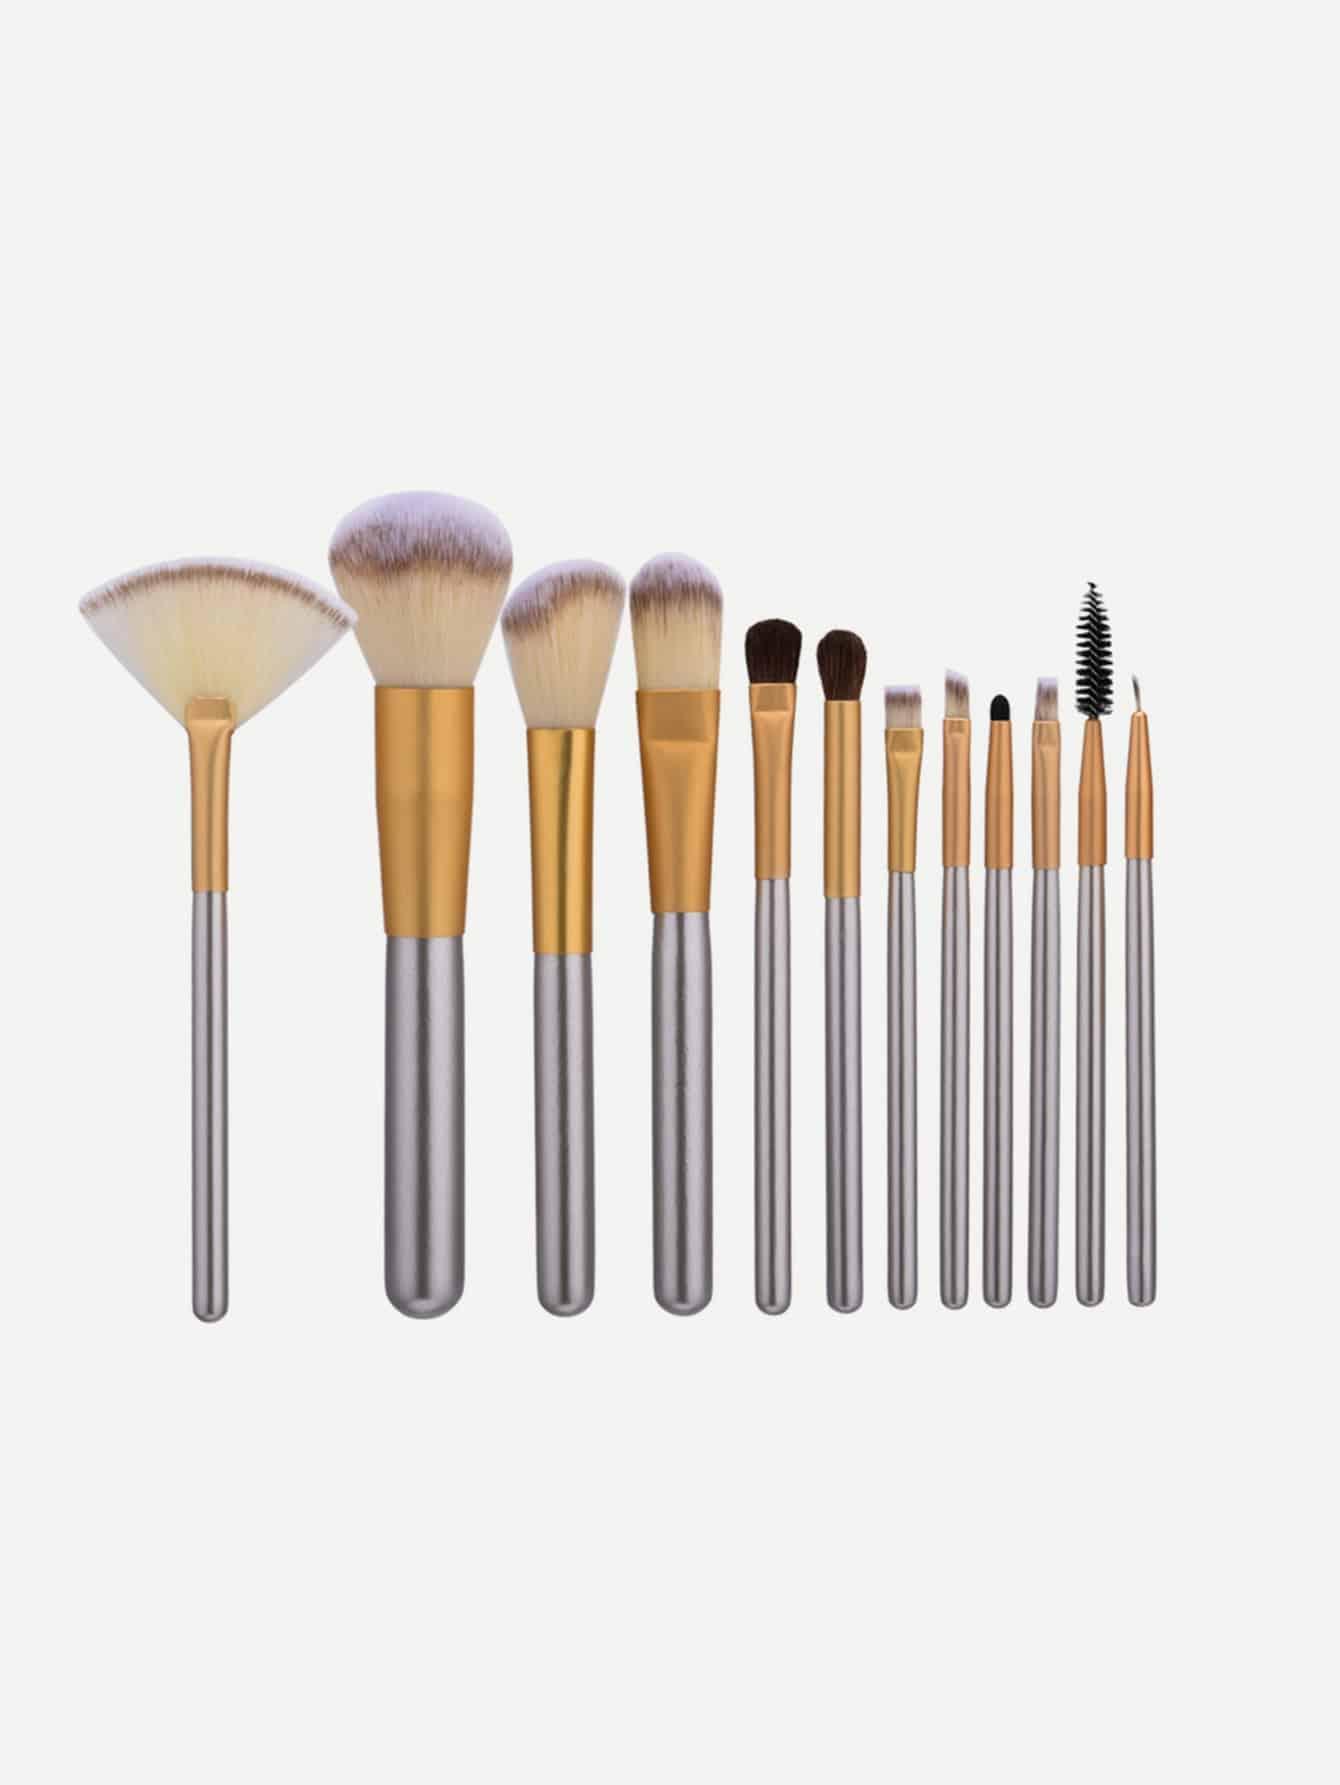 Купить Комплект кистей для макияжа с шампанским Gold 12Pcs, null, SheIn